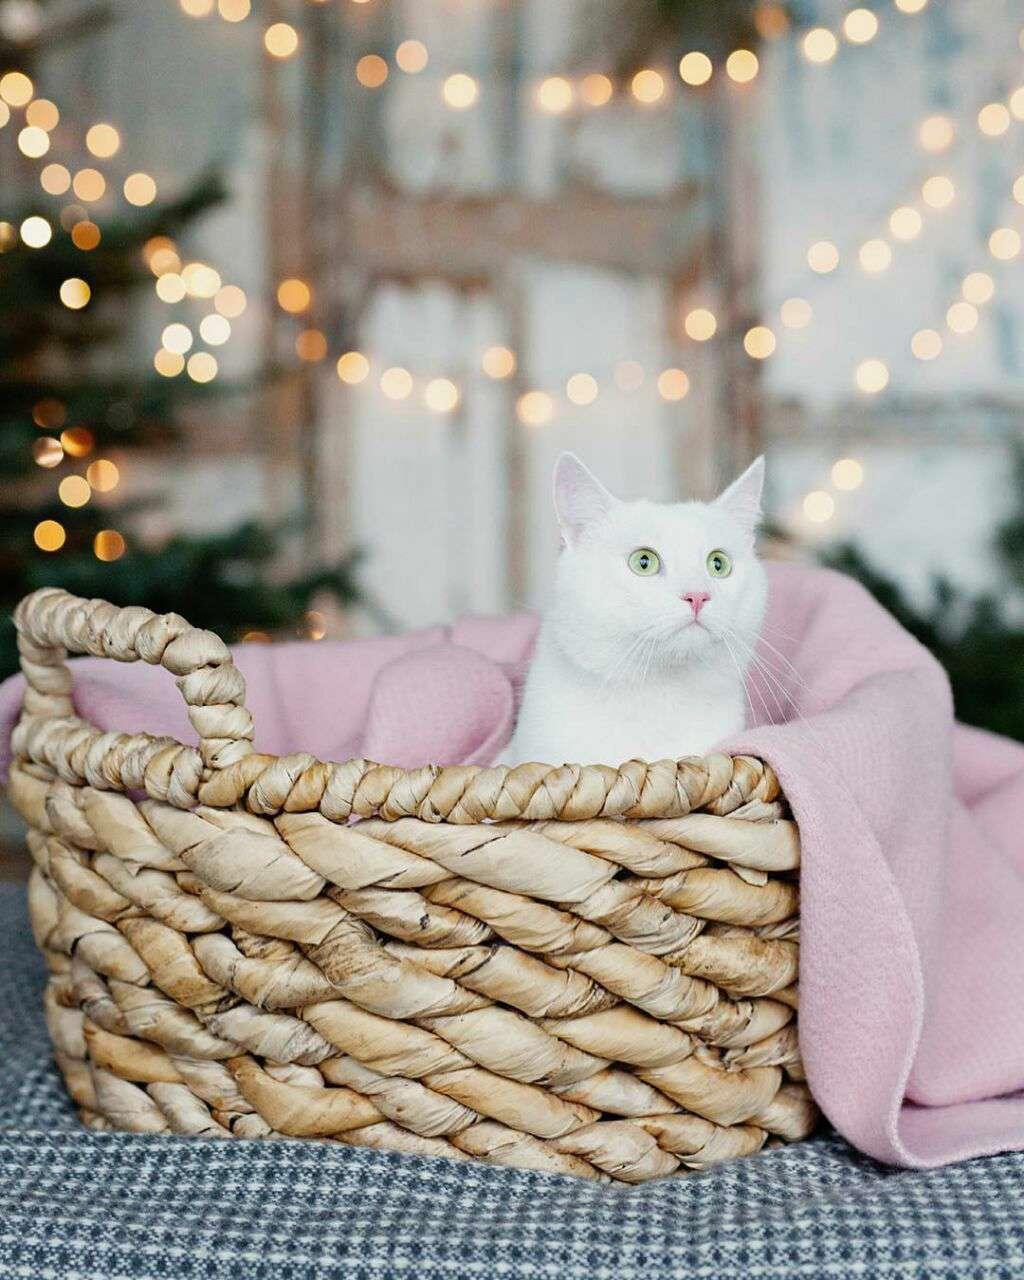 گربه ای با چشمان سبز